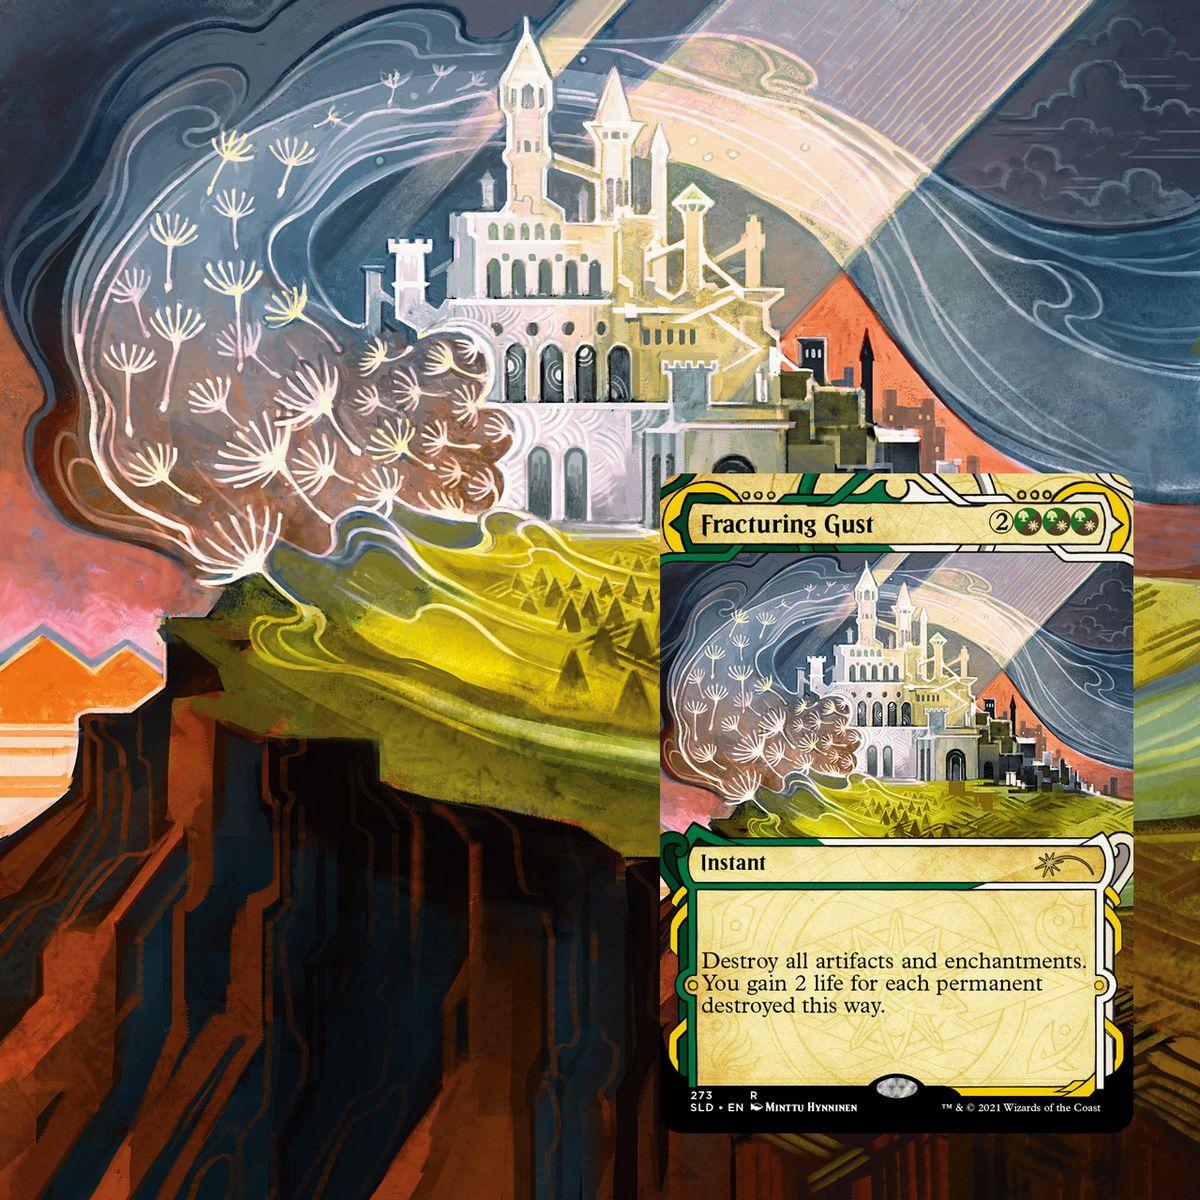 Ráfaga fracturada muestra un castillo en una colina, dividido por la luz del sol.  Los cogollos flotan en el viento.